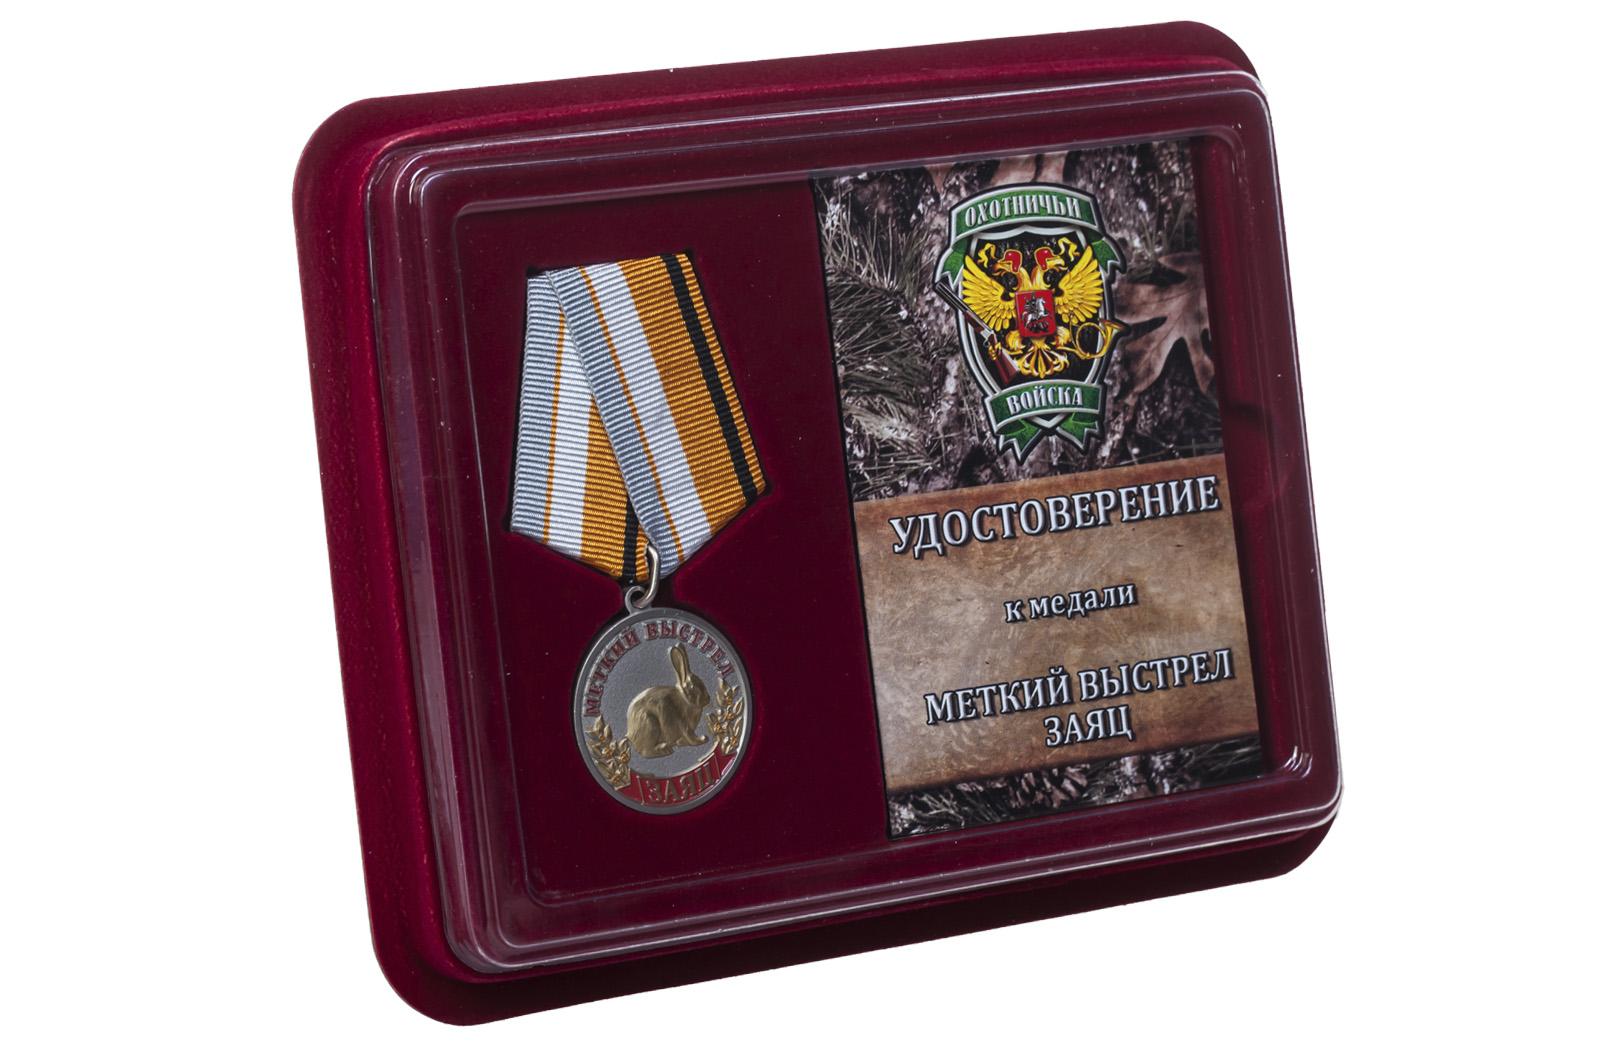 Купить медаль Меткий выстрел Заяц оптом или в розницу